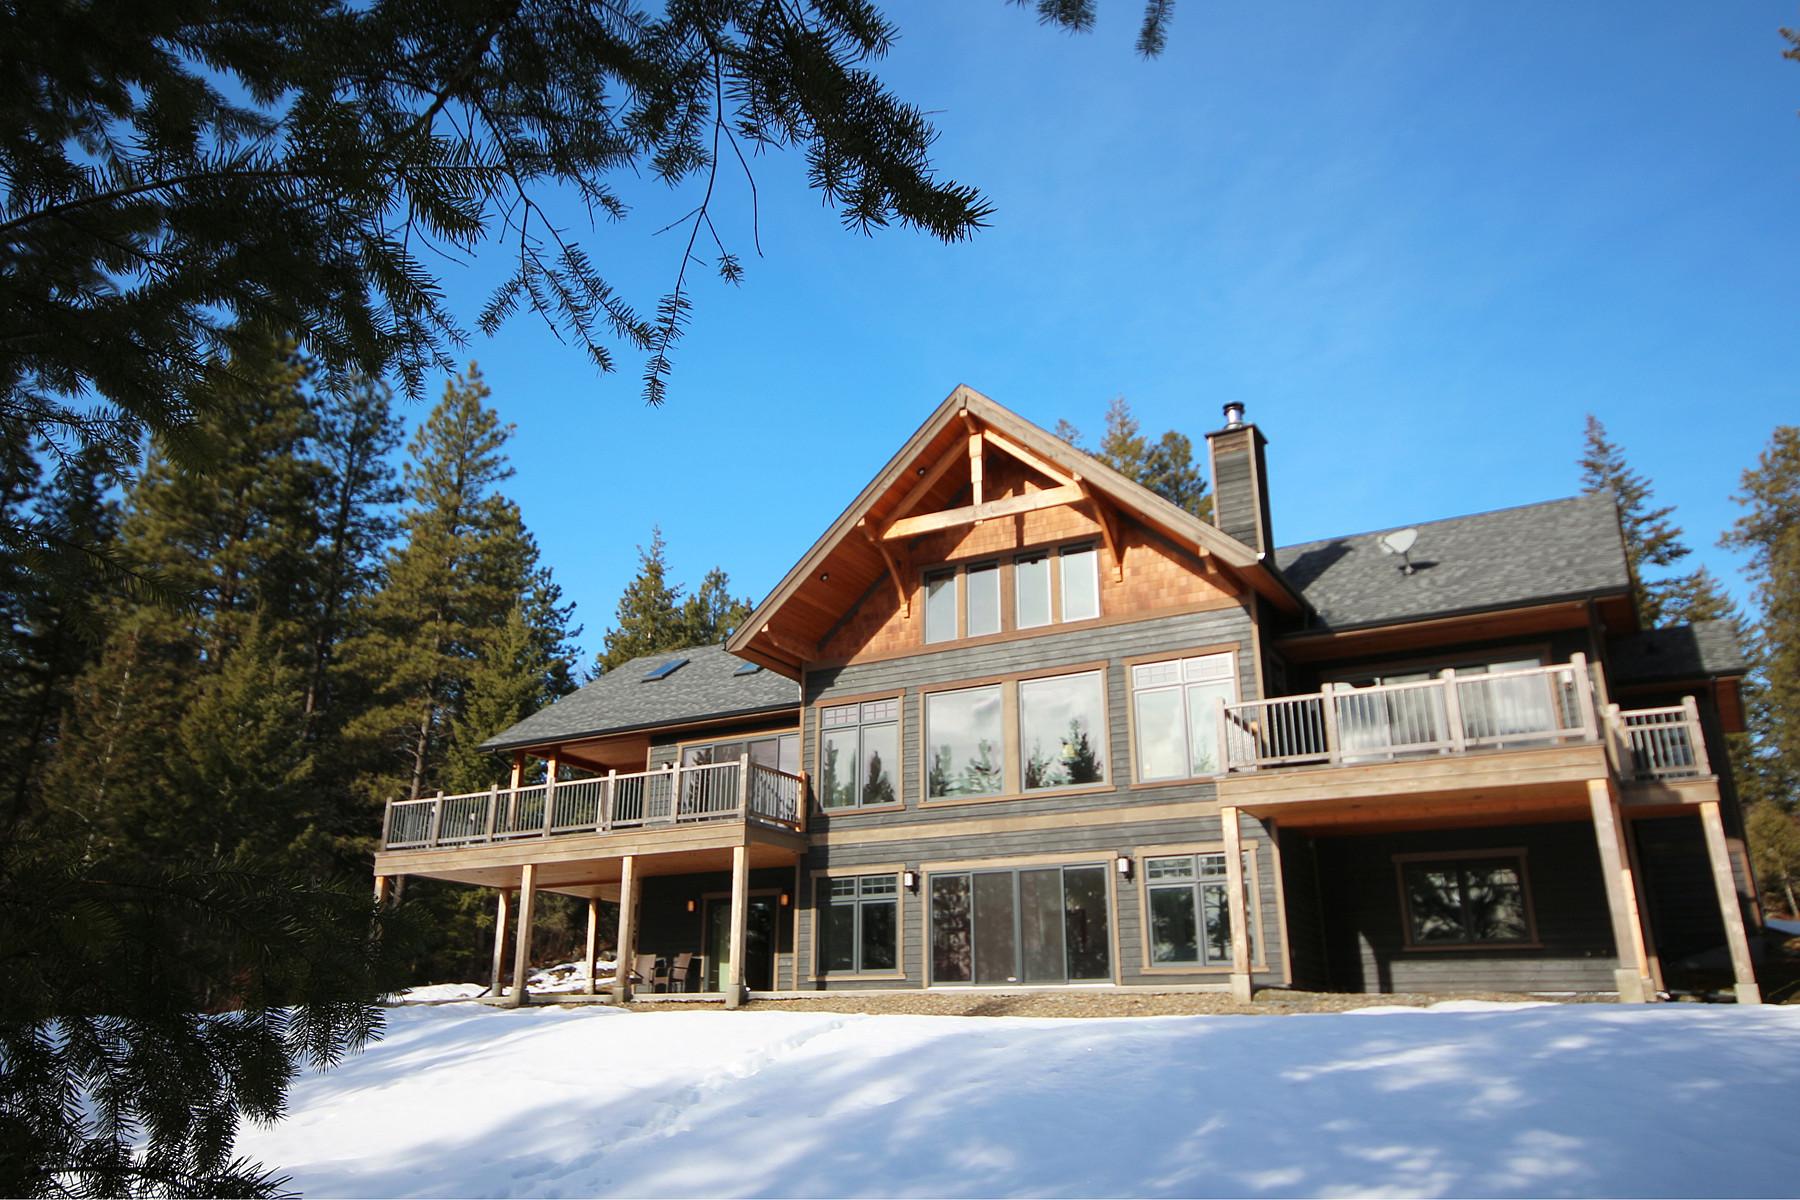 단독 가정 주택 용 매매 에 Secluded and Peaceful Property 1115 Sinclair Road, Creston, 브리티시 컬럼비아주, V0B 1G2 캐나다